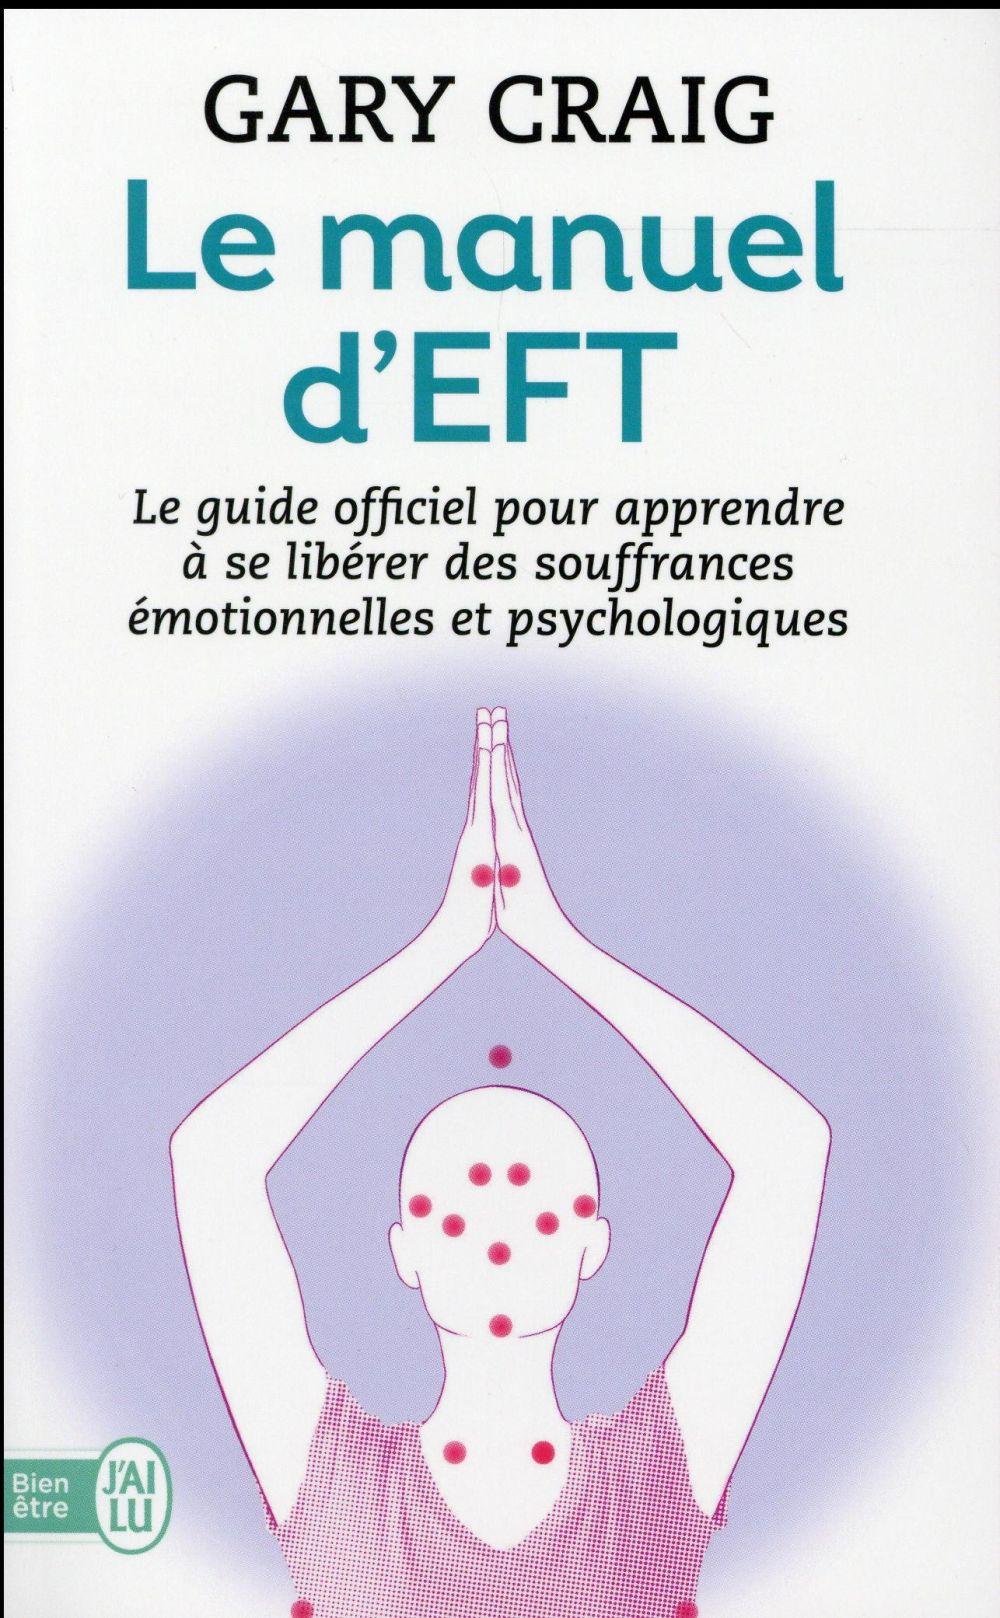 LE MANUEL D'EFT - LE GUIDE OFFICIEL POUR APPRENDRE A SE LIBERER DES SOUFFRANCES EMOTIONNELLES ET PSY